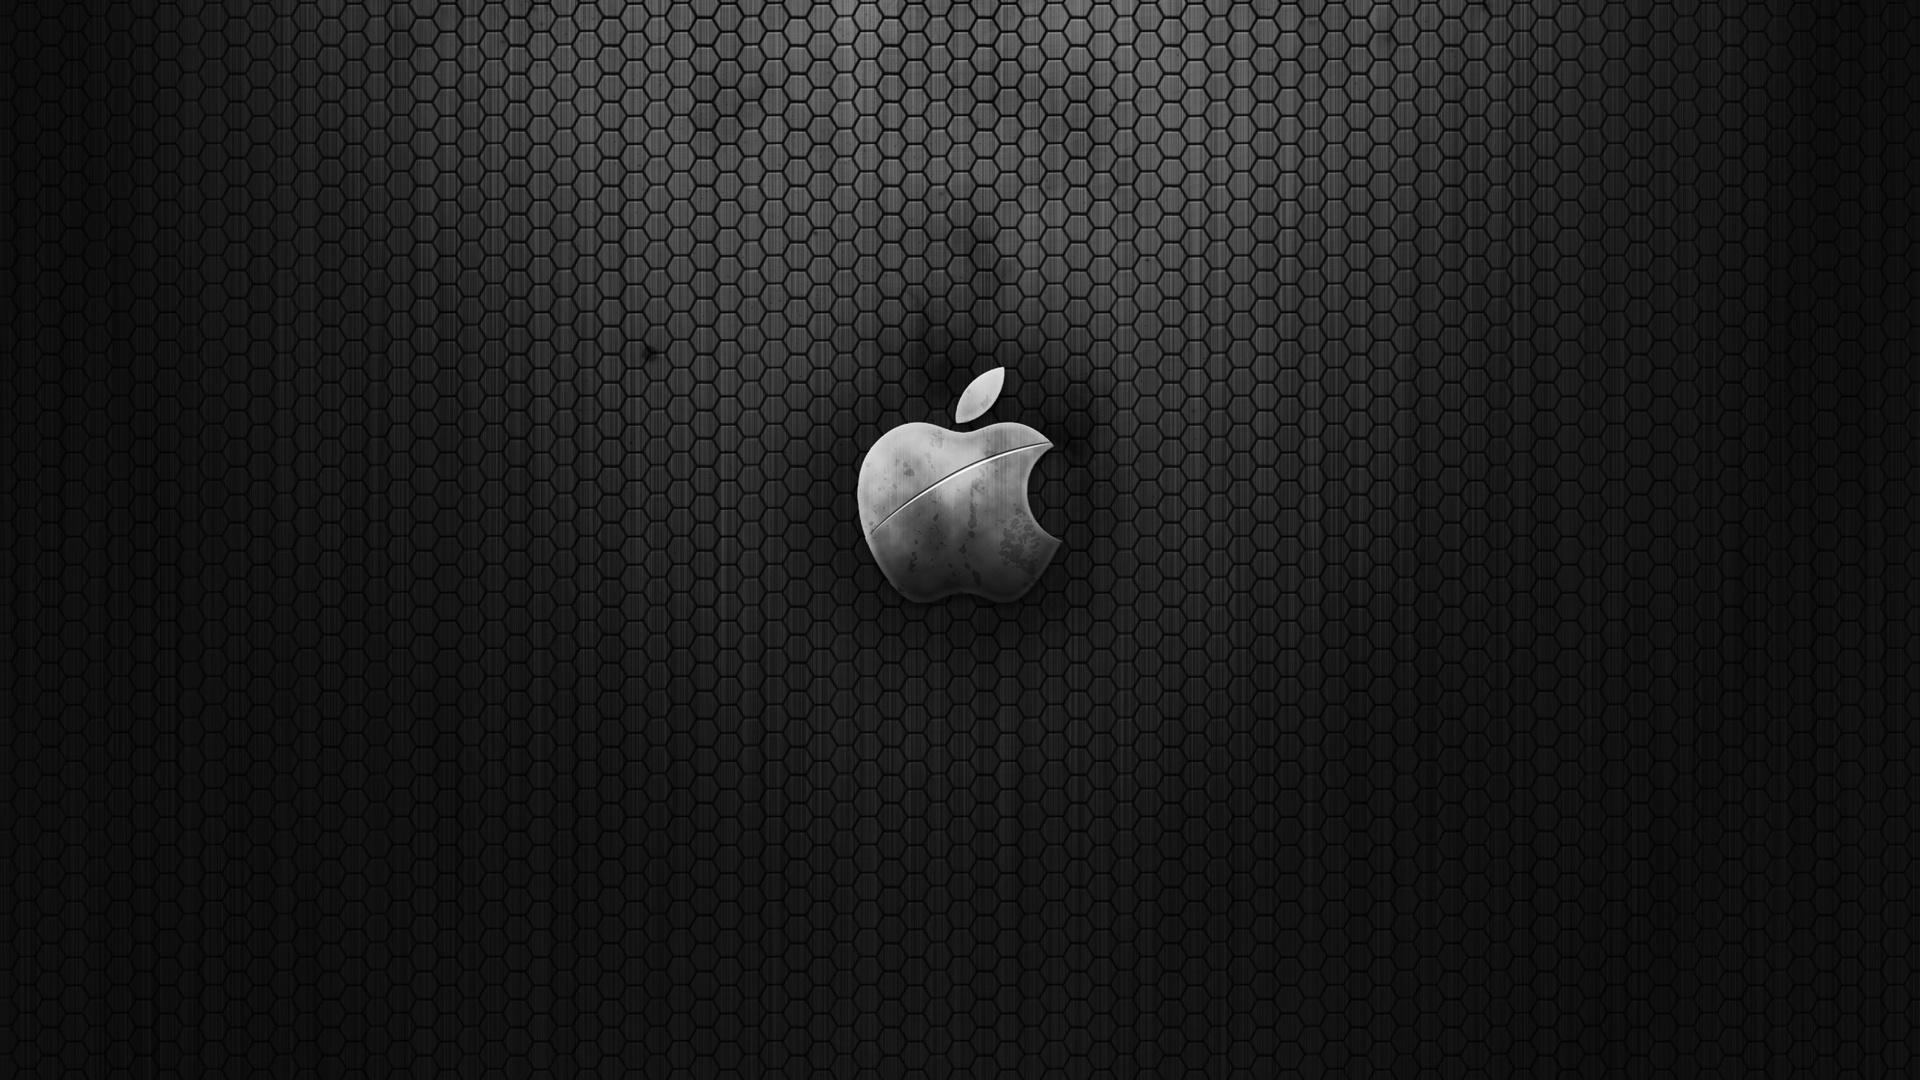 استایل شرکت Apple